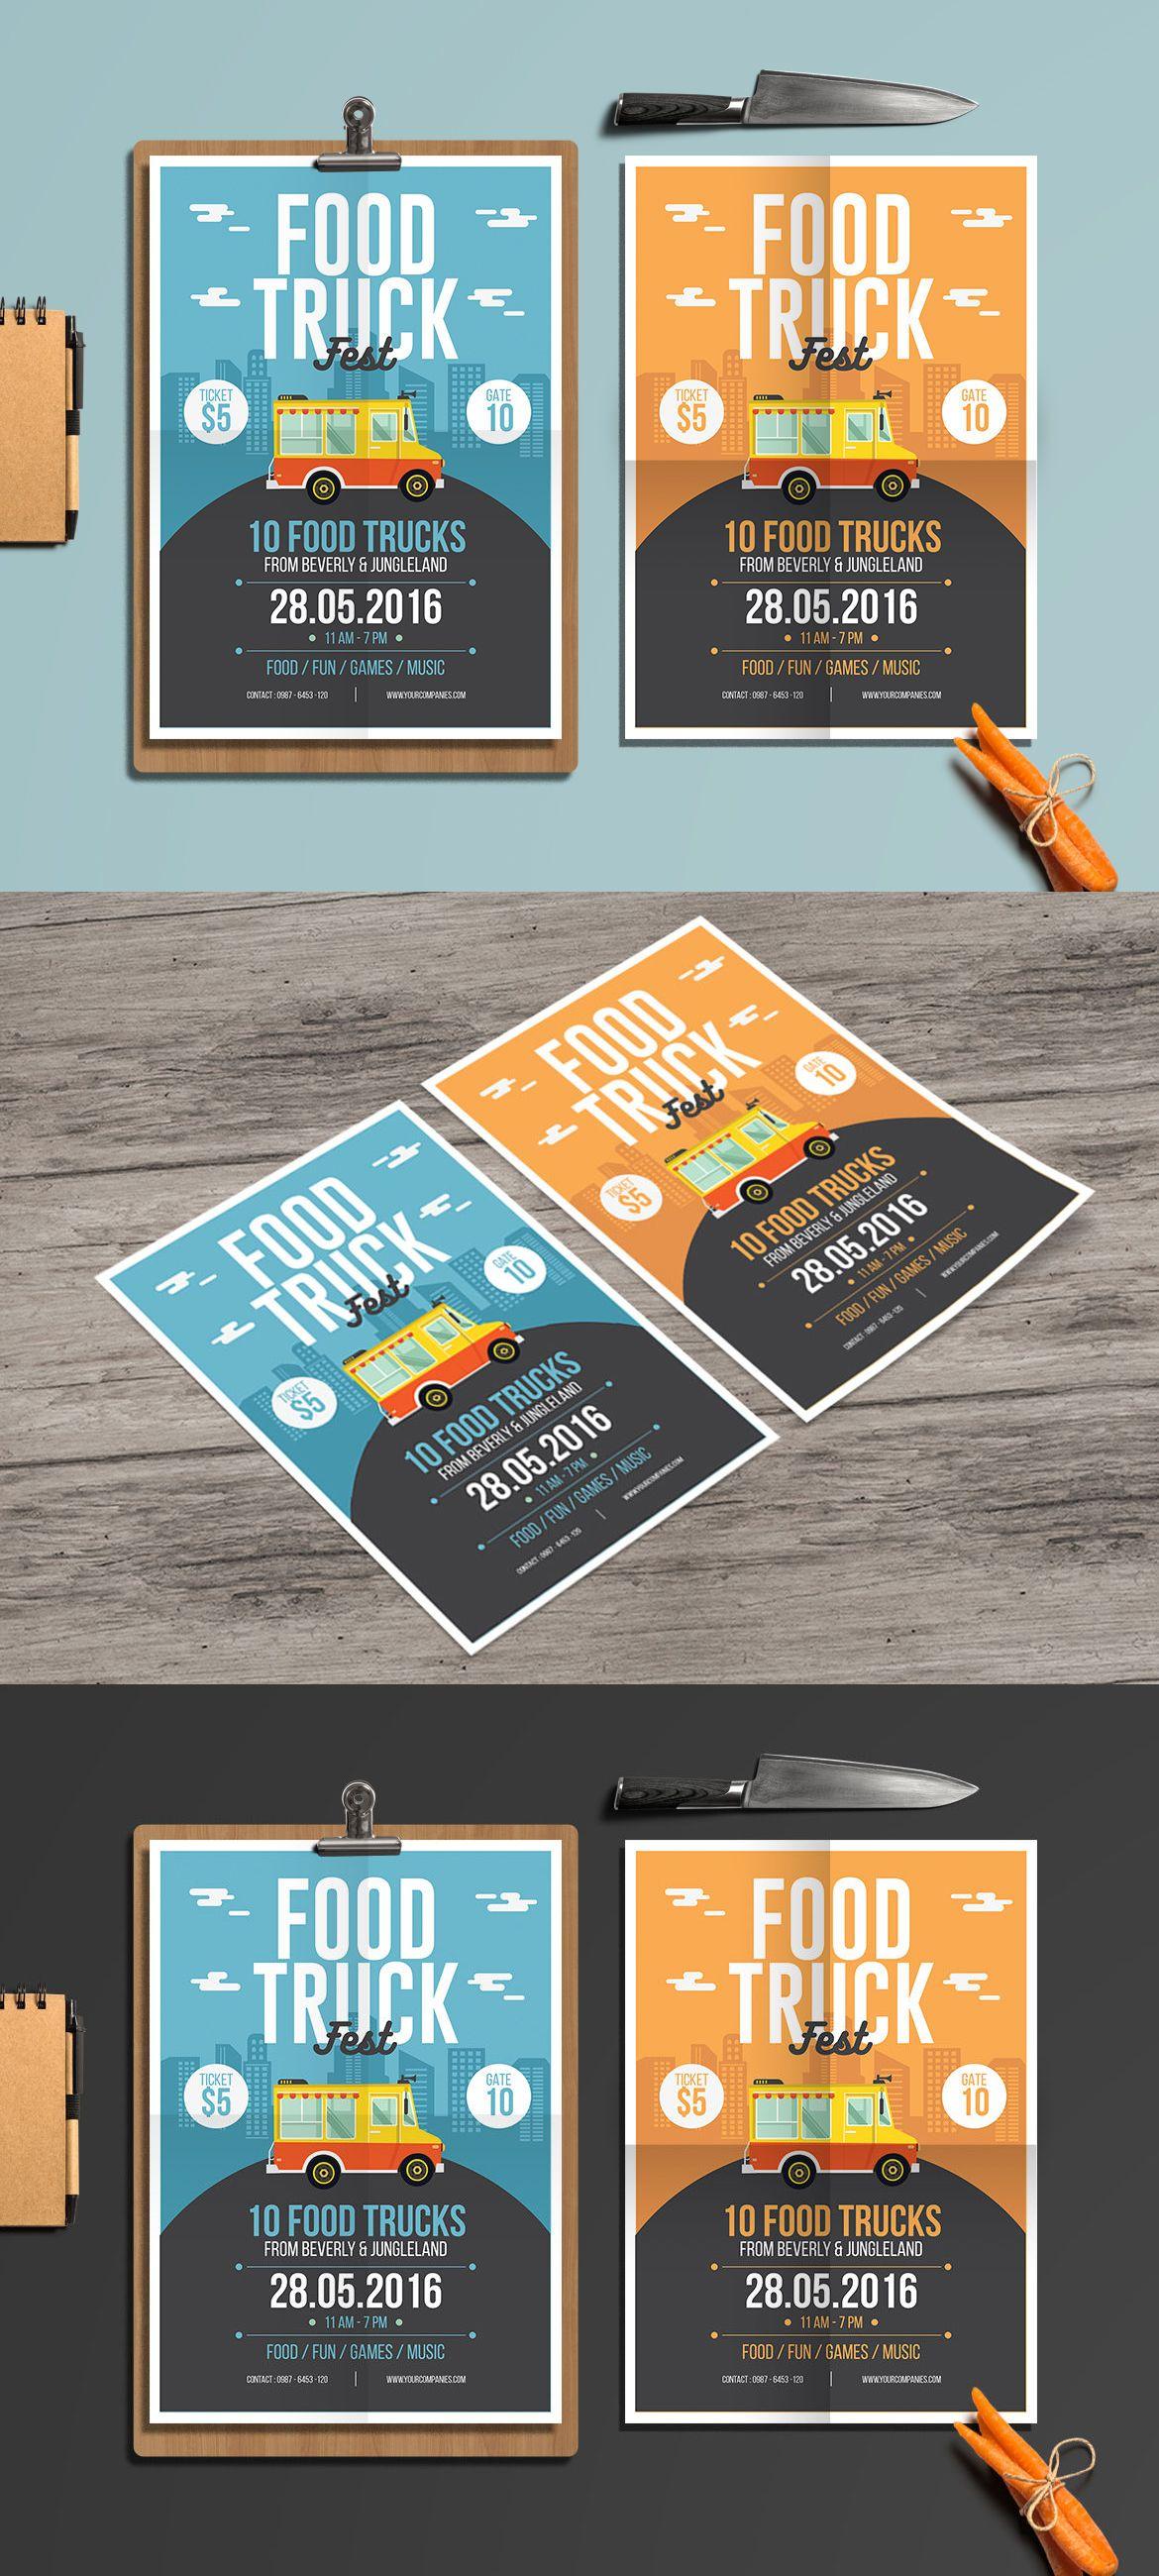 Food Truck Flyer Template AI PSD Flyer Templates Pinterest - Food truck flyer template